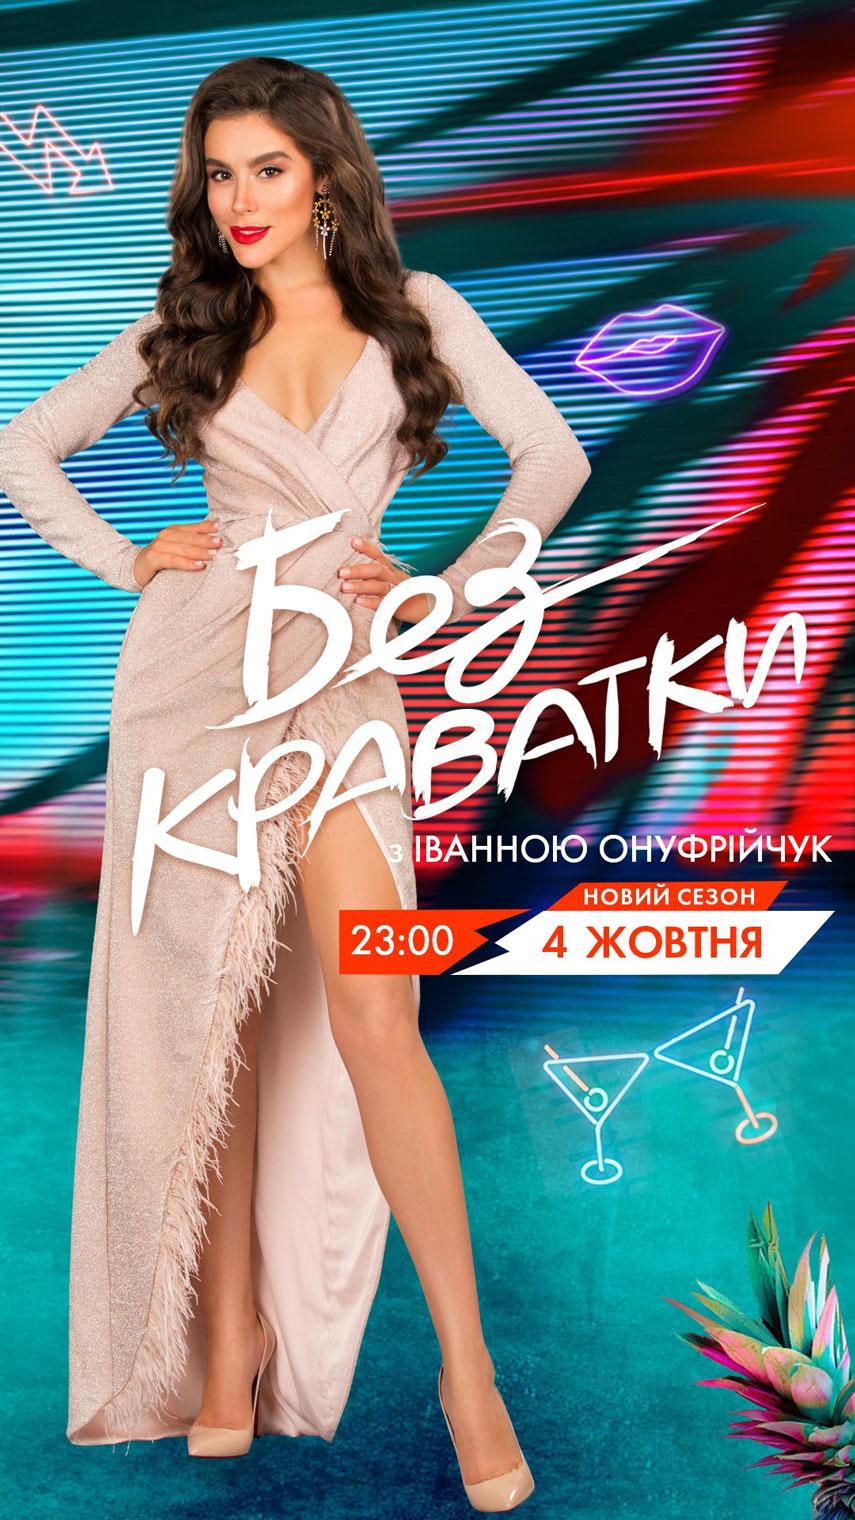 Иванна Онуфрийчук: шоу «Без краватки» снова в эфире